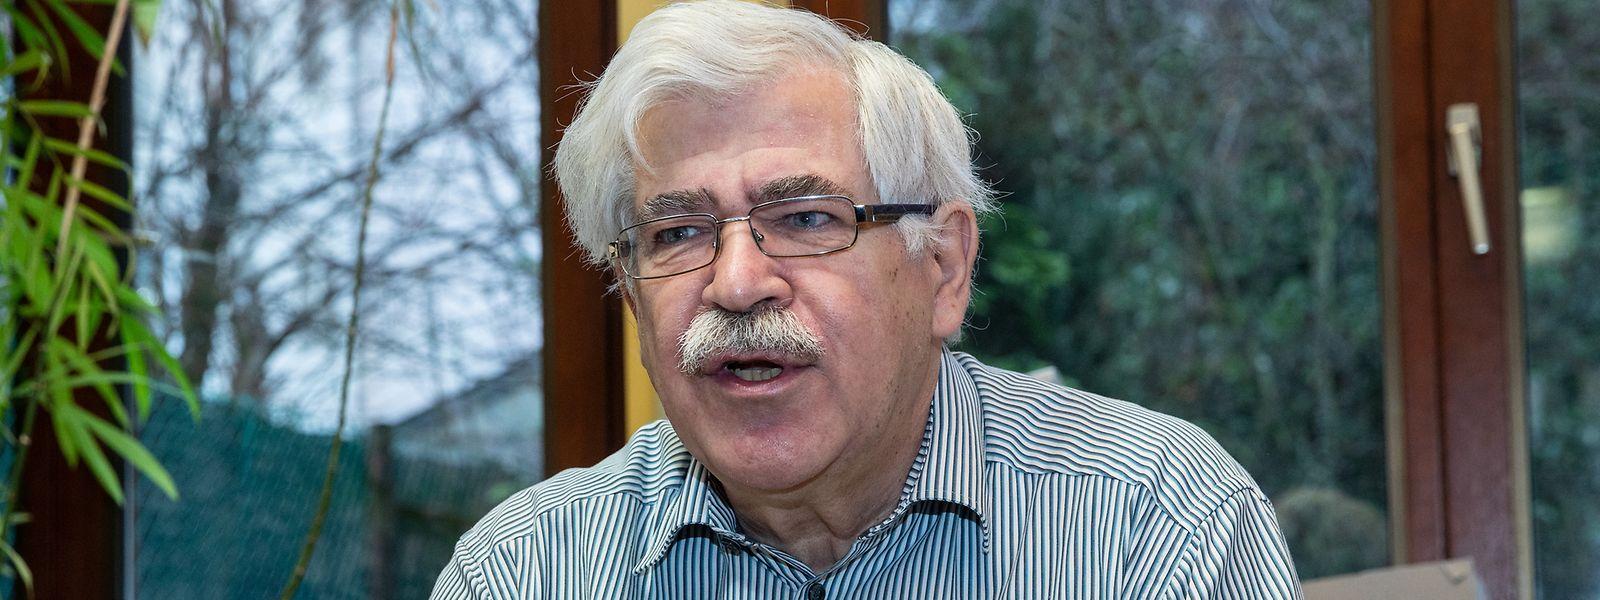 KPL-Präsident Ali Ruckert plädiert für eine Reduzierung der Militärausgaben. Das Geld solle lieber in Bildung und soziale Verbesserungen investiert werden.